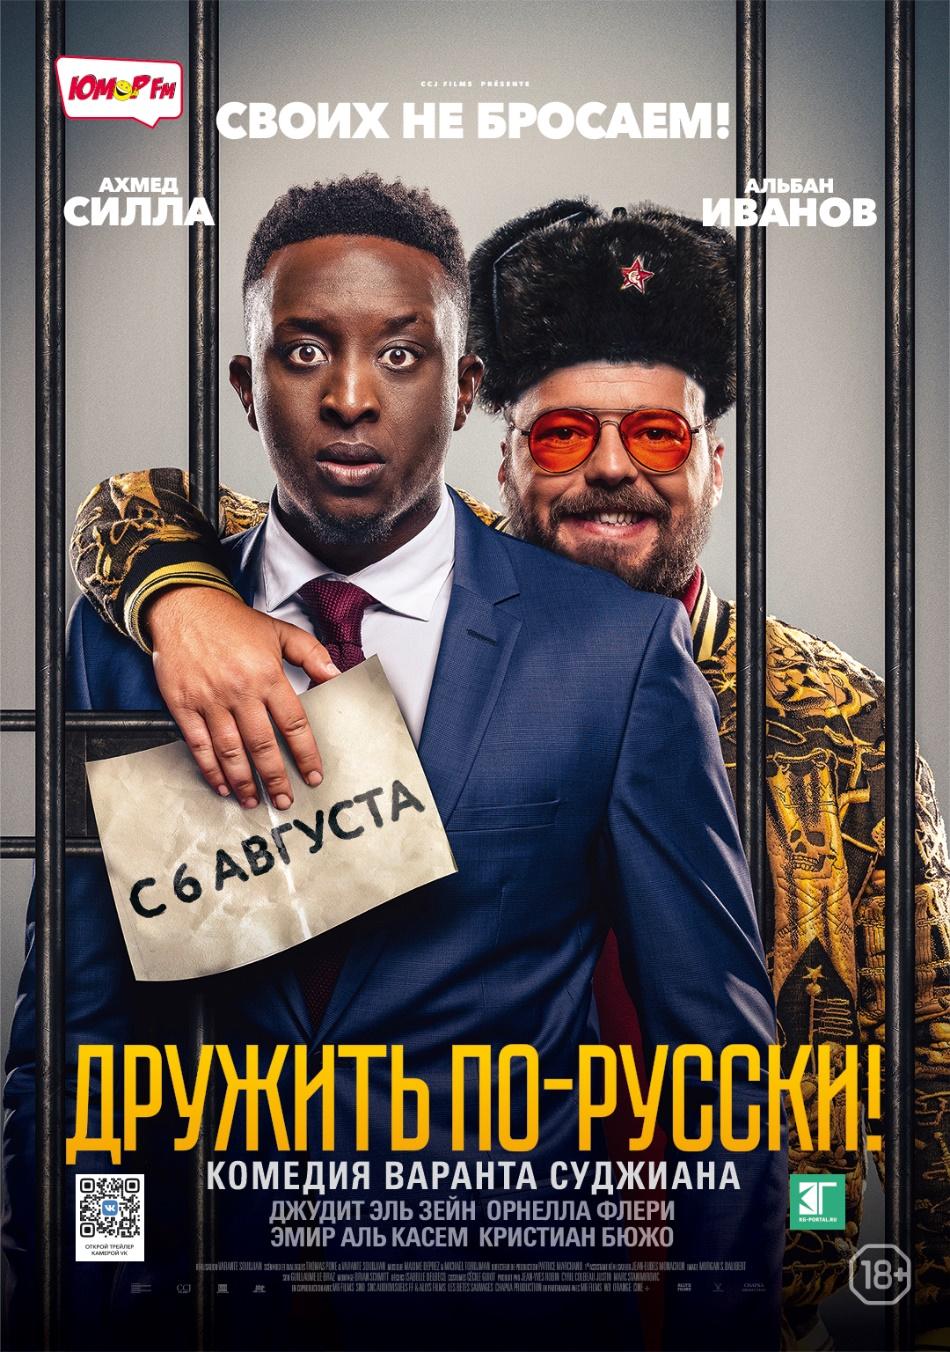 Дружить по-русски! расписание кино афиша курган